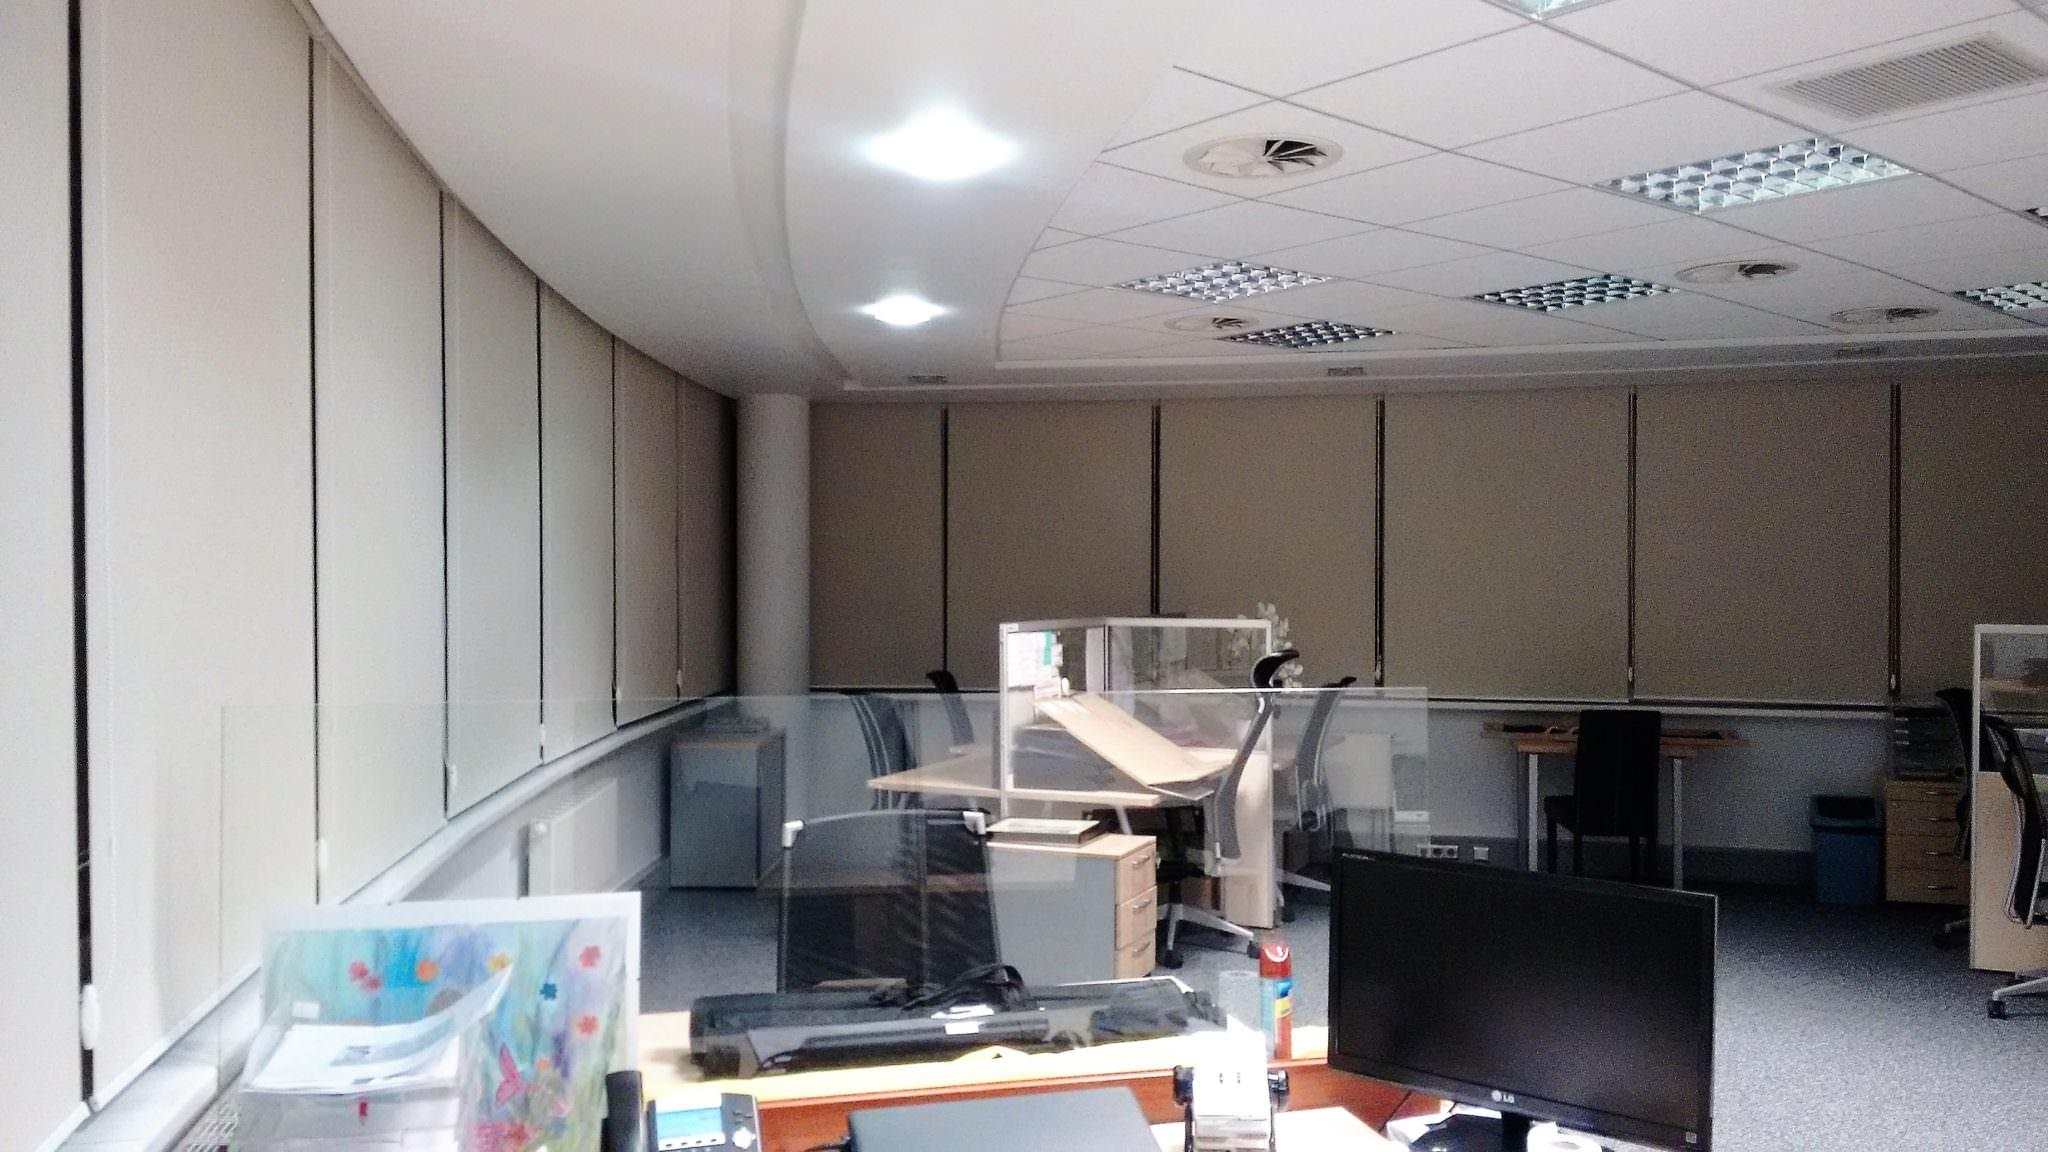 Rolety do biura z certyfikatem trudnopalności - Realizacja w Warszawie